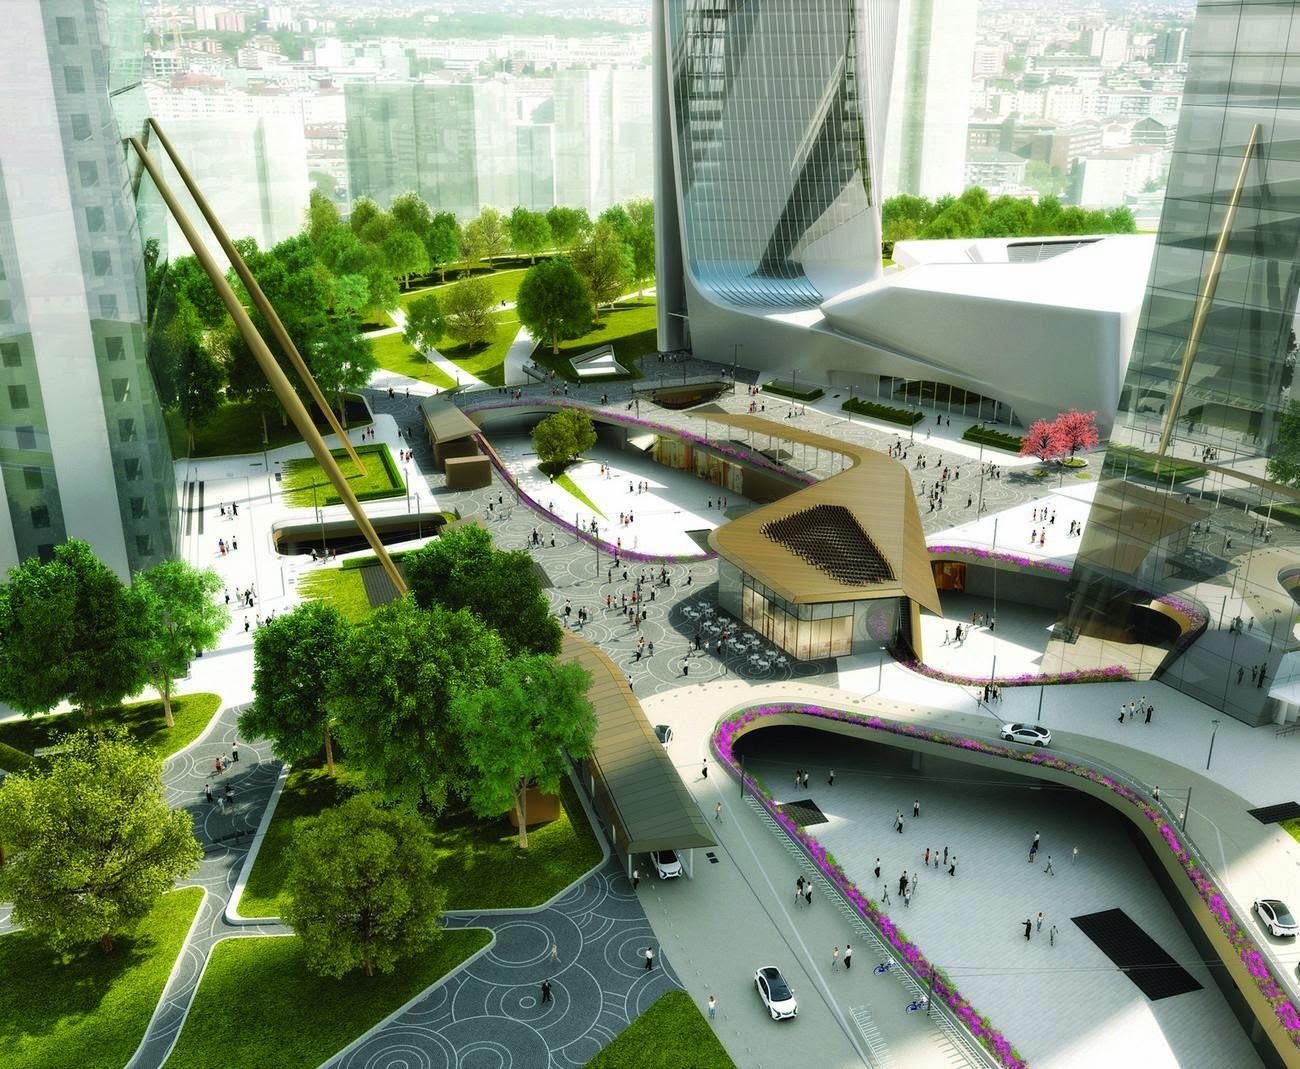 Zona Tre Torri - Accordo per lo Shopping District a CityLife ...